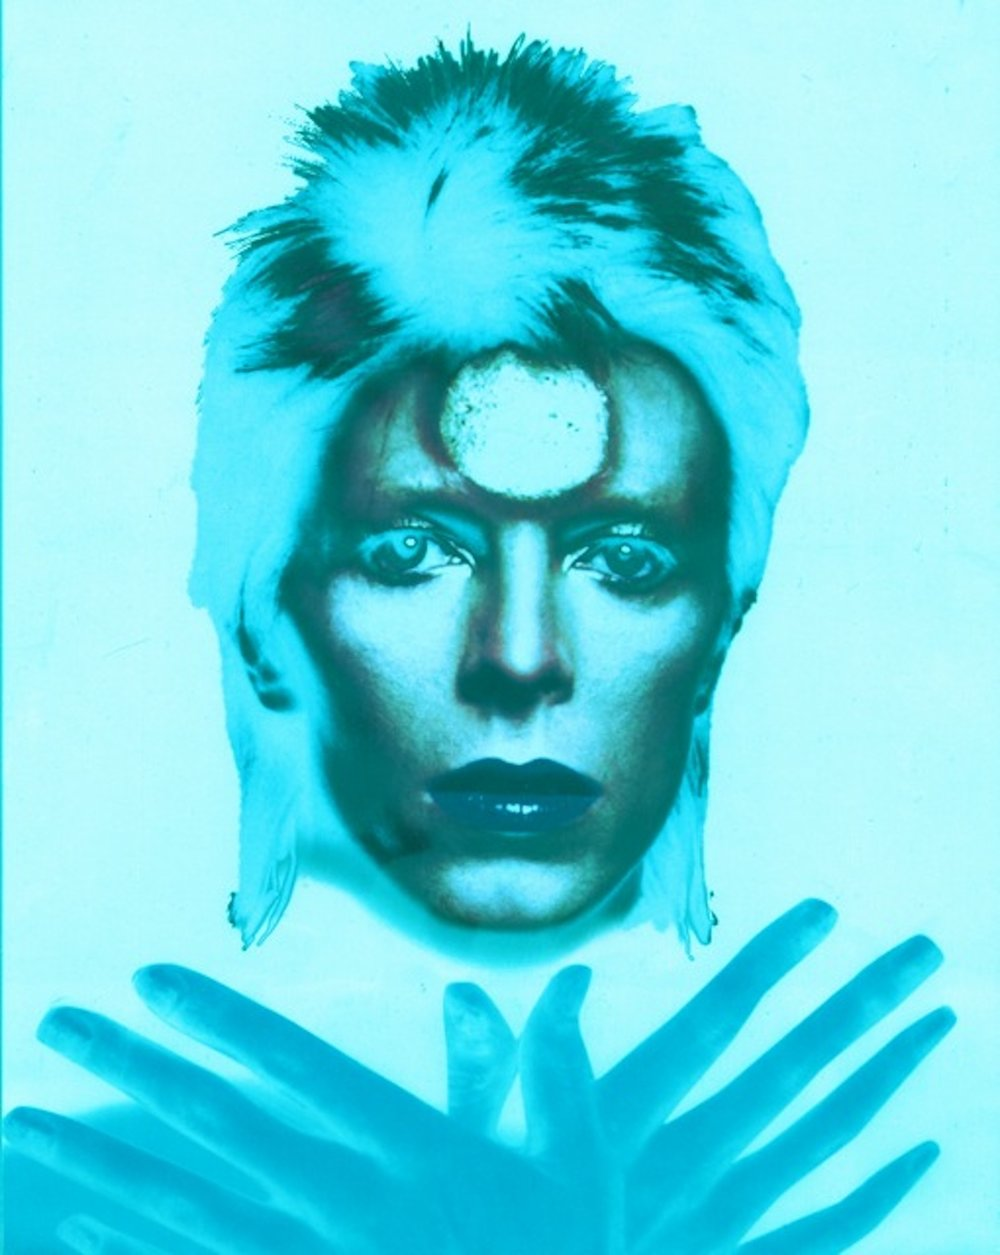 Ziggy Stardust Polychrome: Blue (24 x 20)